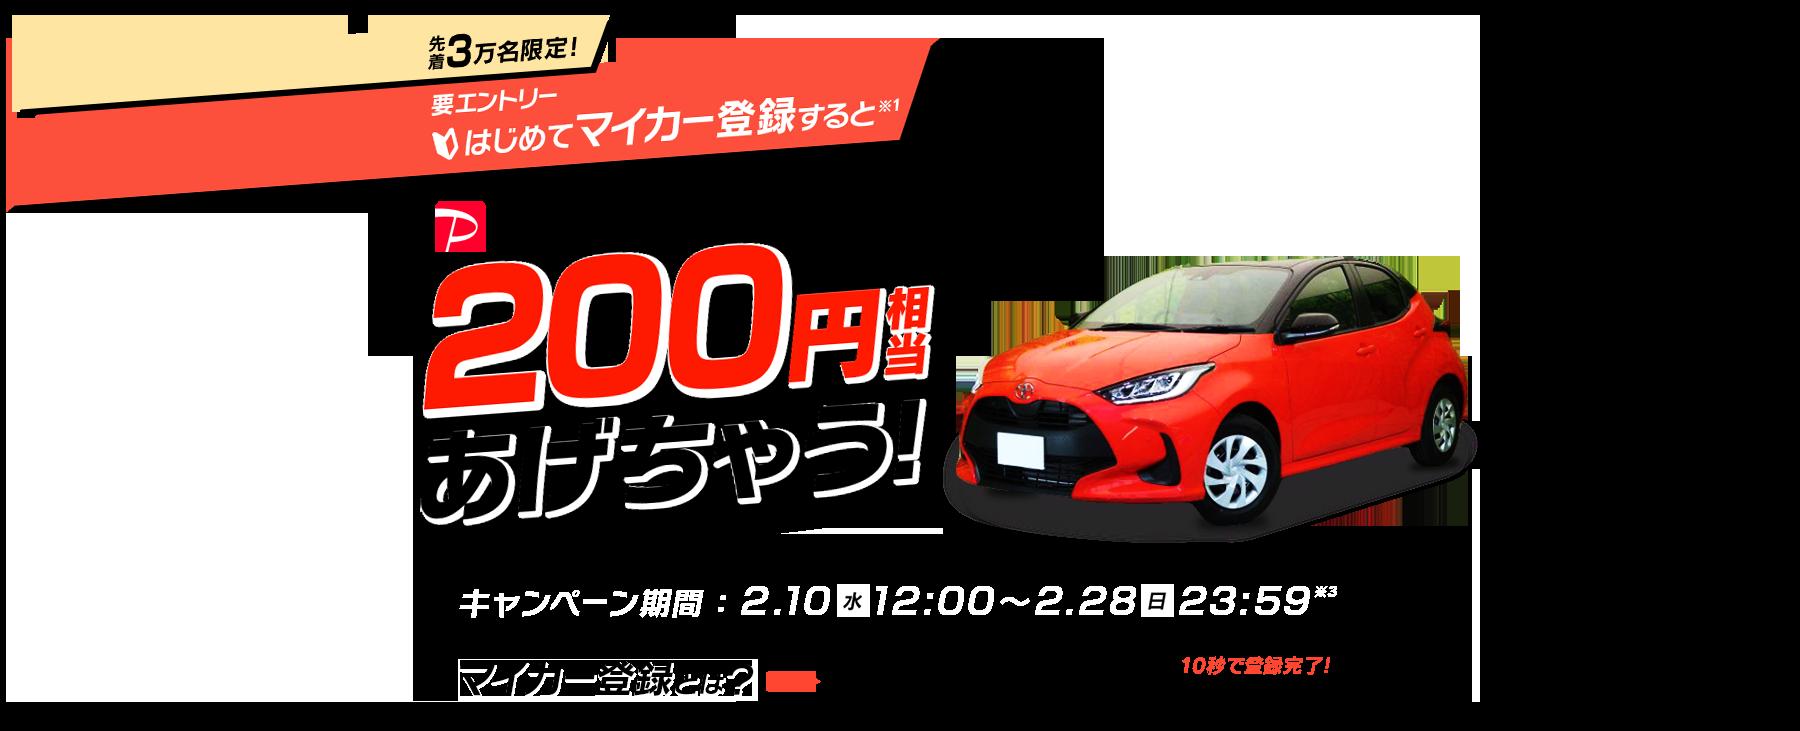 ヤフオクでマイカー登録すると先着3万名に200円PayPayが貰える。~2/28。